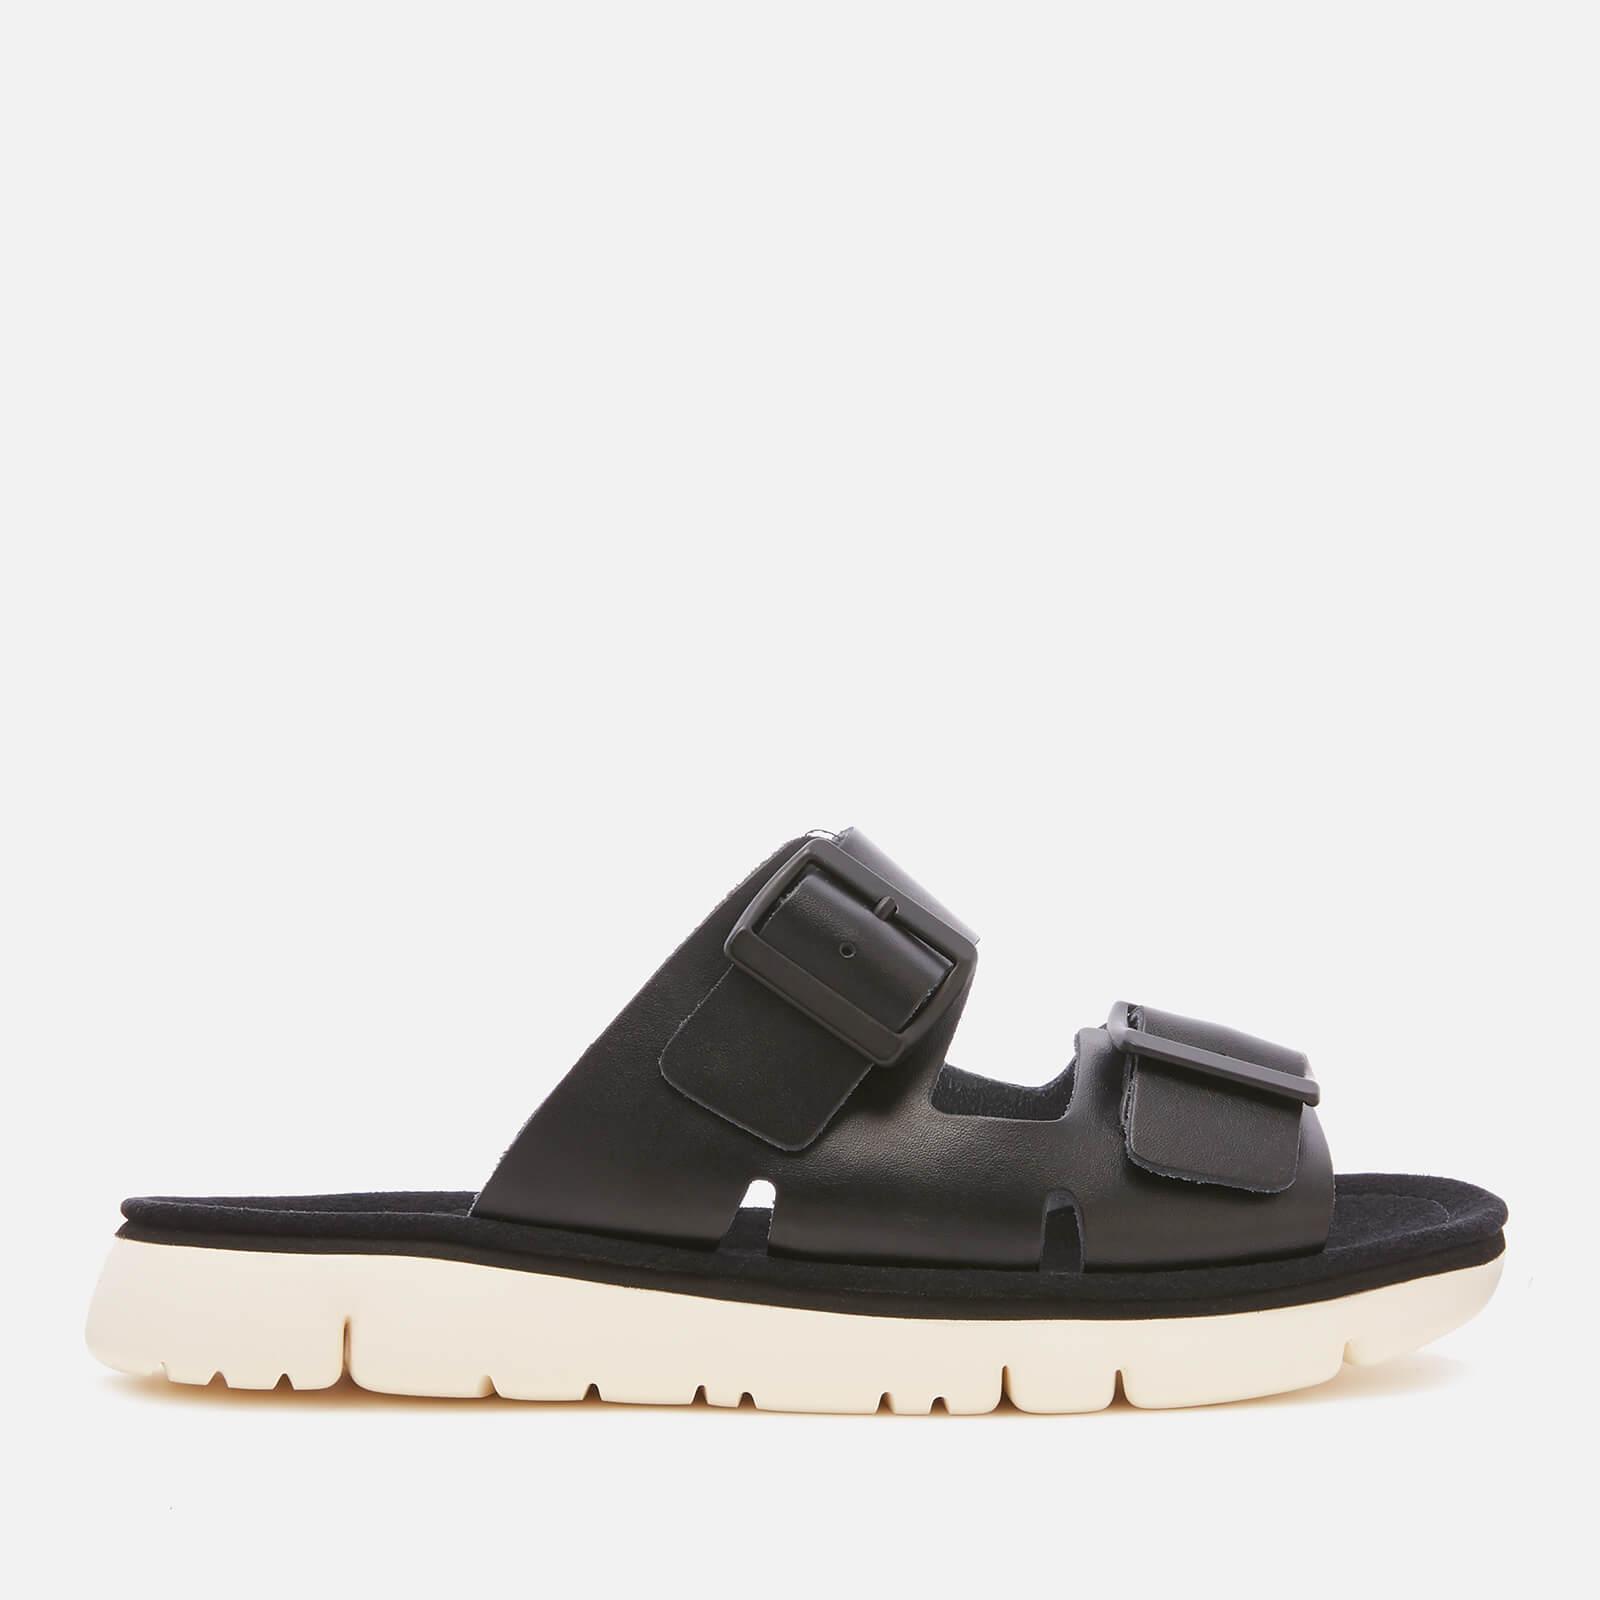 Camper Women's Oruga Double Strap Sandals - Black - UK 4 - Black